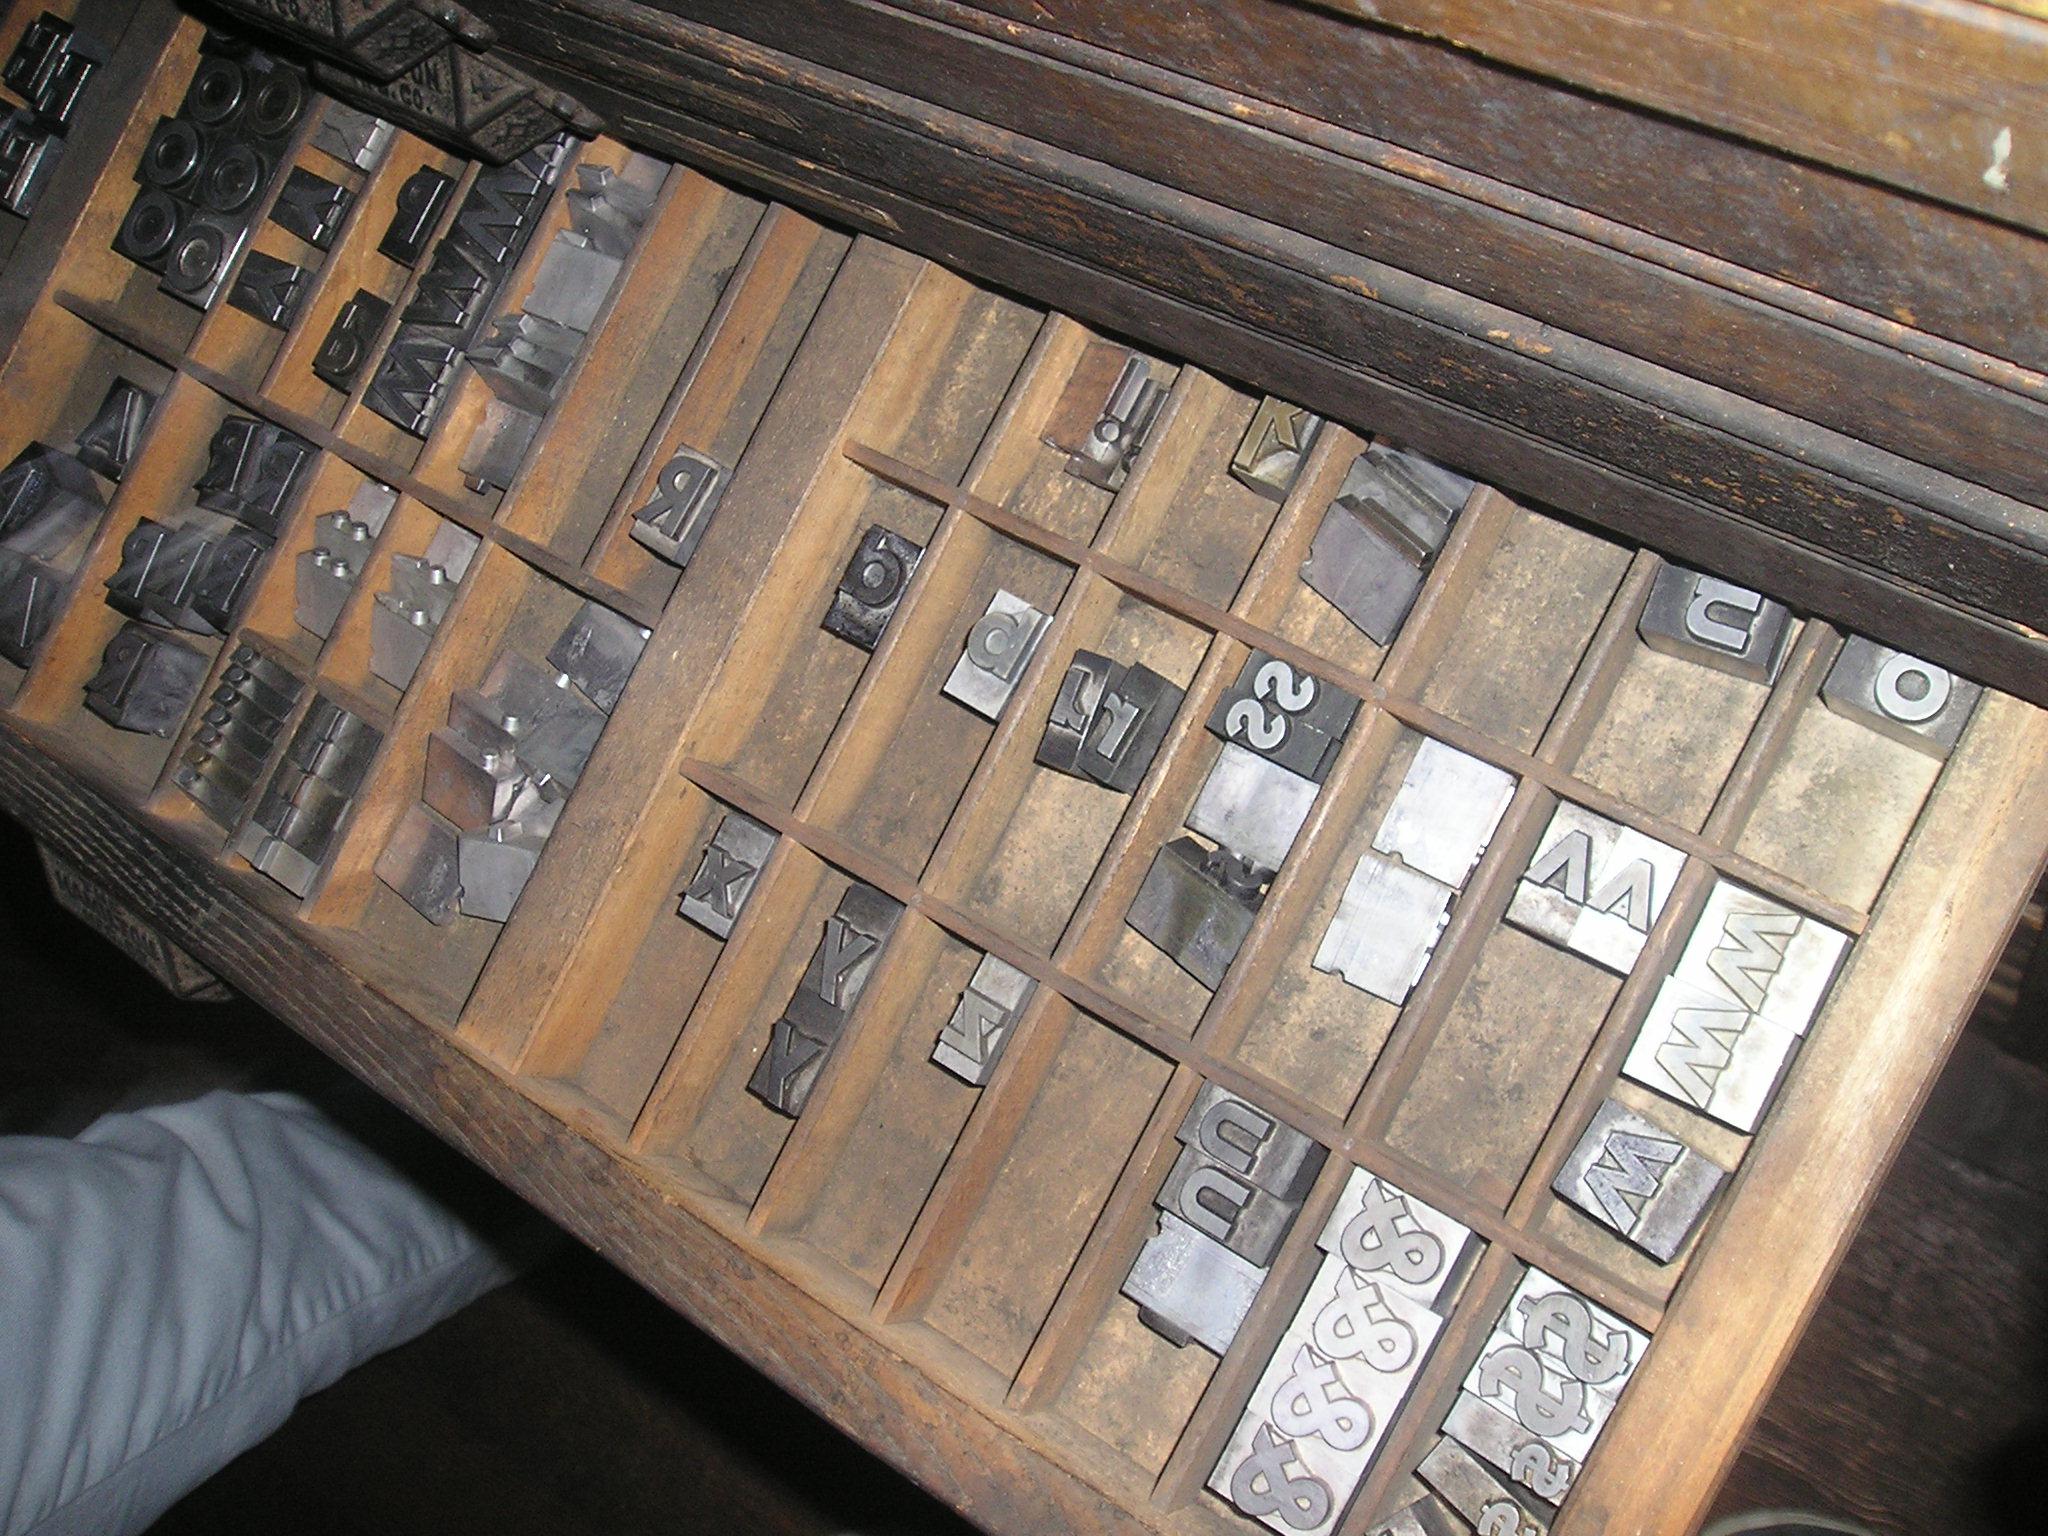 linotype machine nowadays